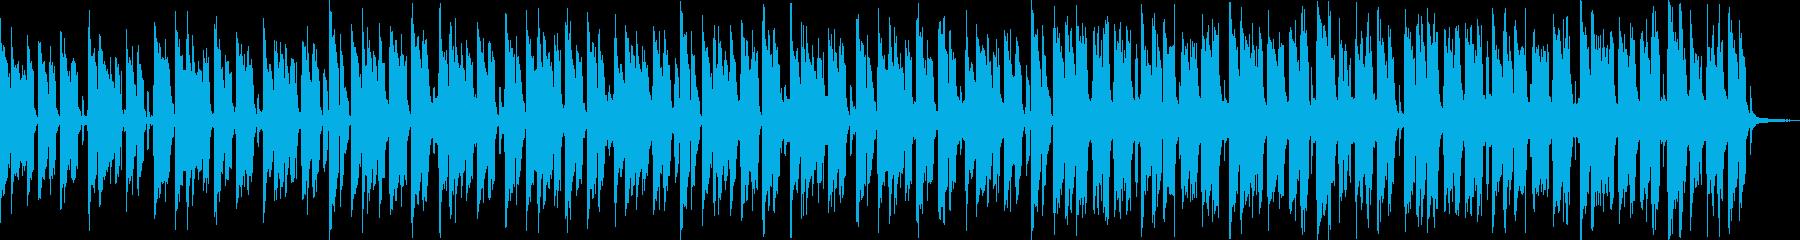 【おしゃれカフェBGM】ボサノバの再生済みの波形